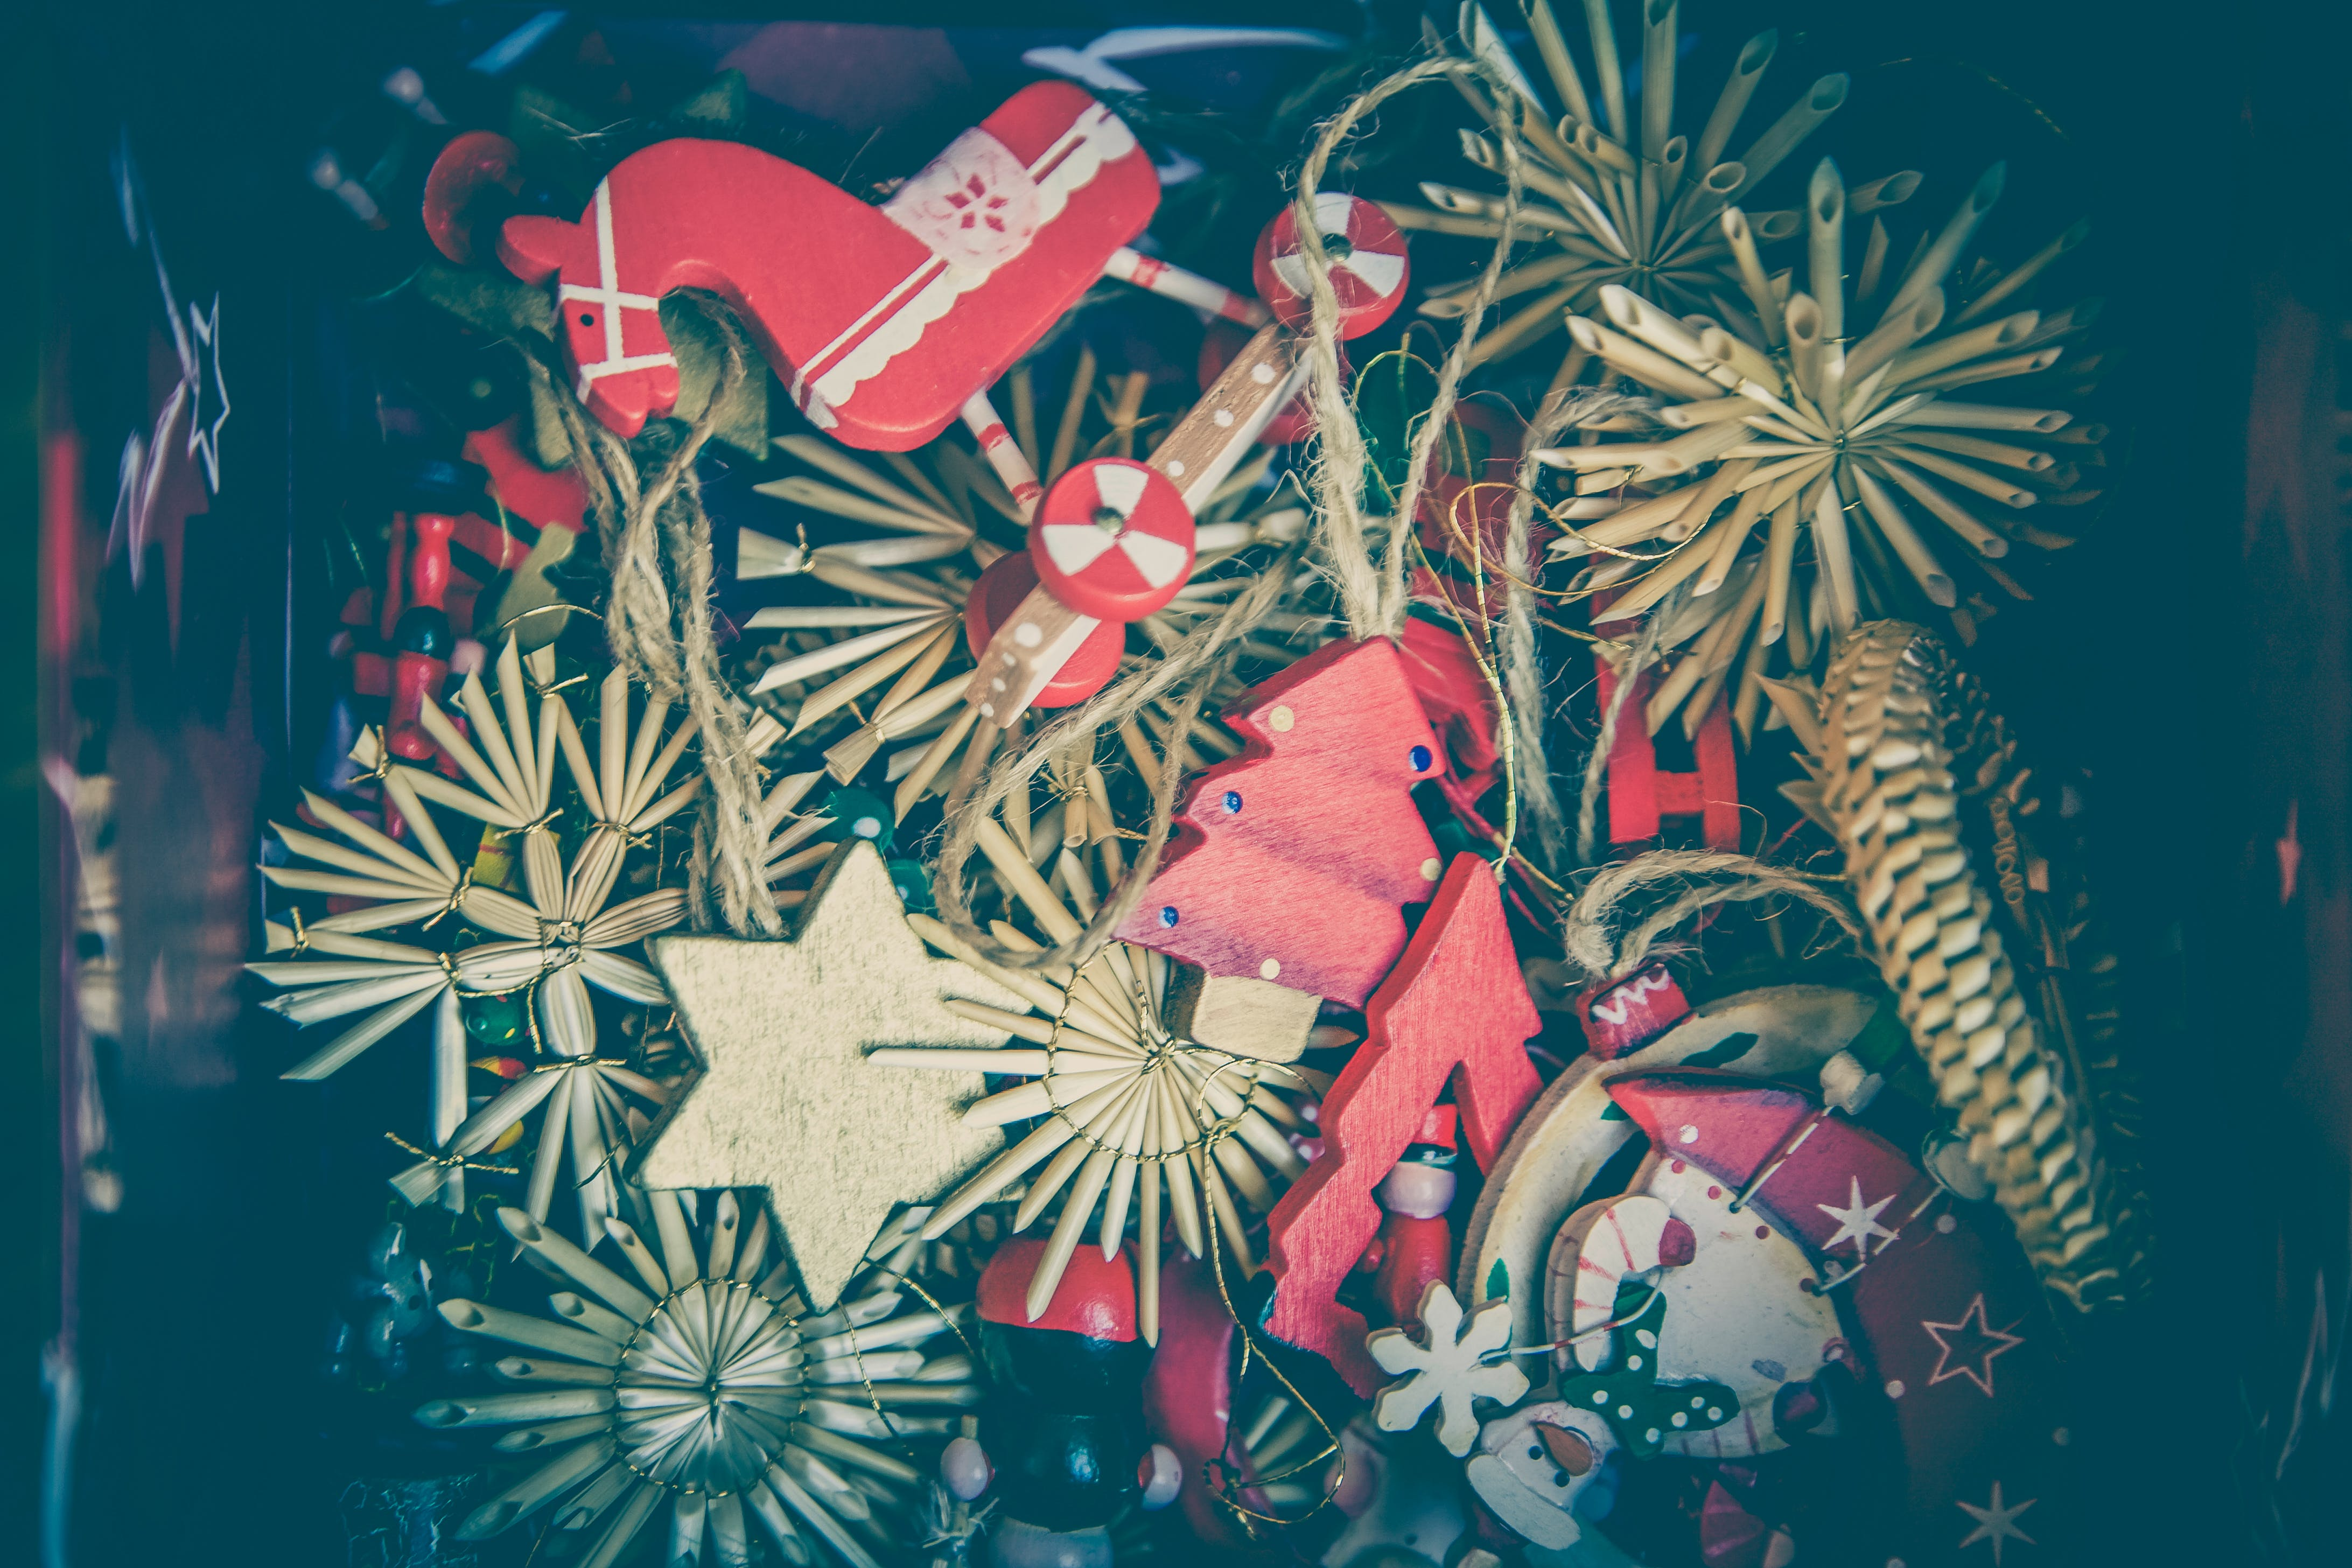 Gratis stockfoto met Kerstmis, kerstversieringen, kunst, ornamenten